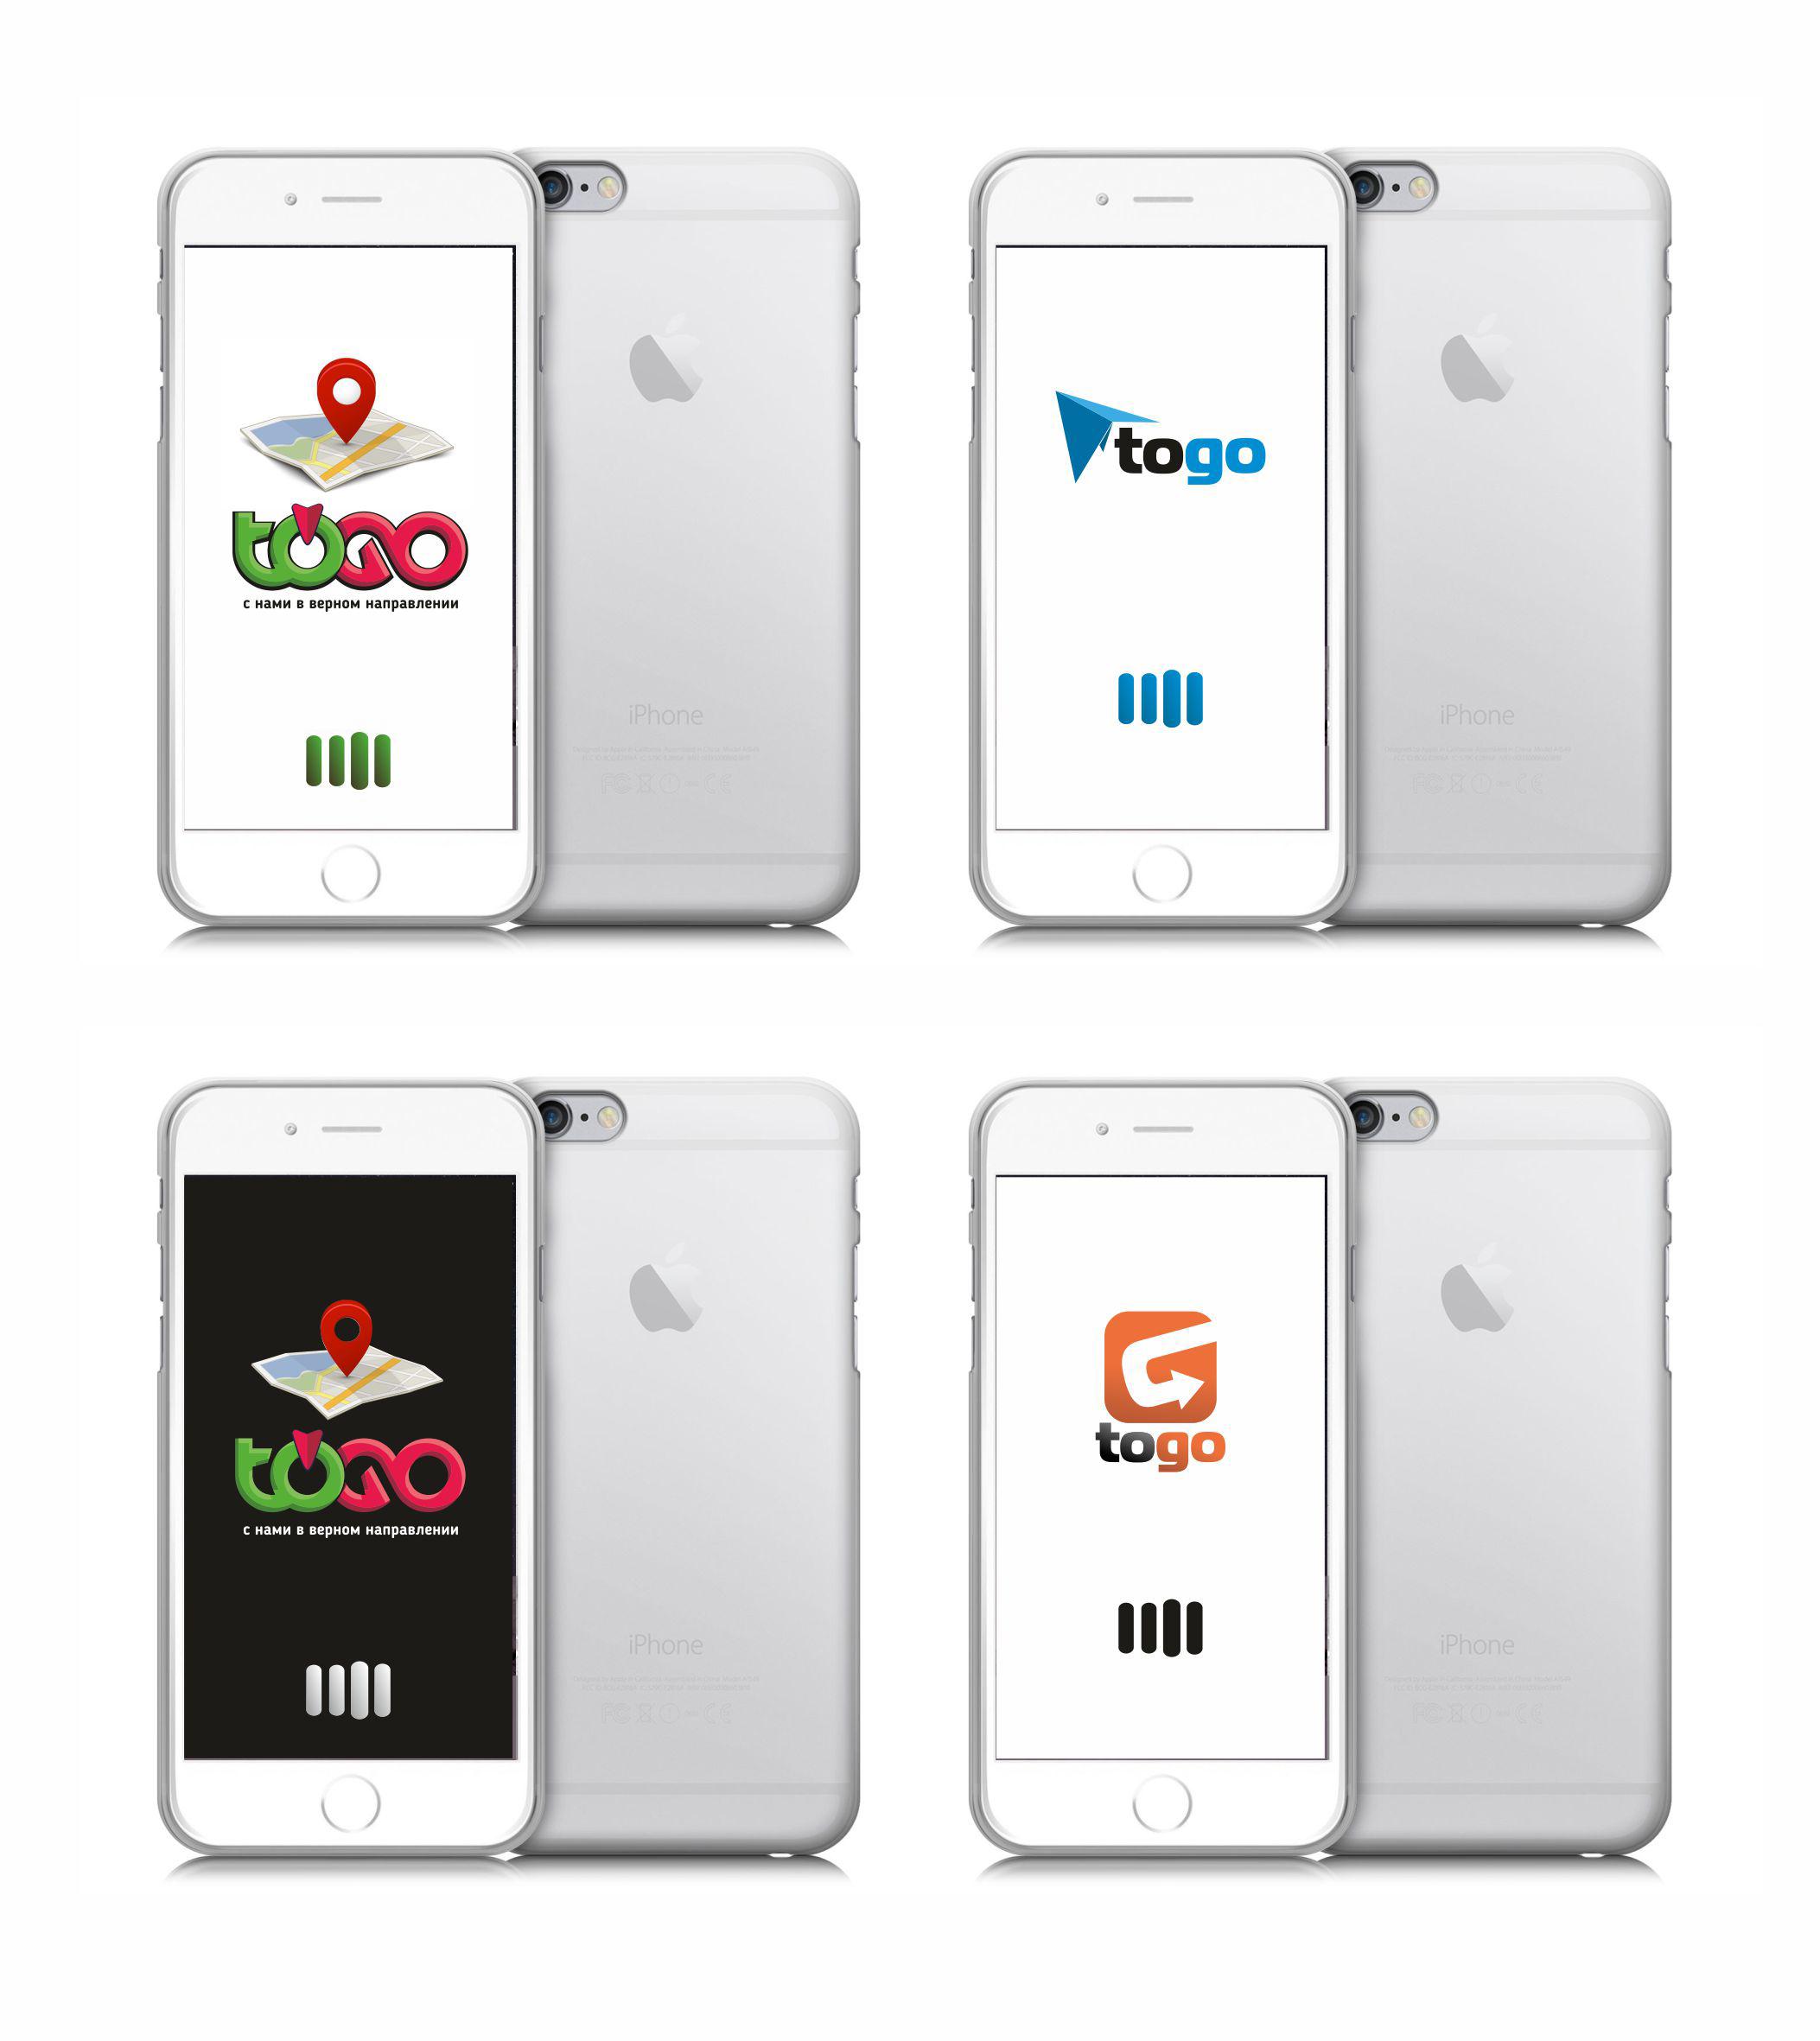 Разработать логотип и экран загрузки приложения фото f_6185a86db36804e1.jpg